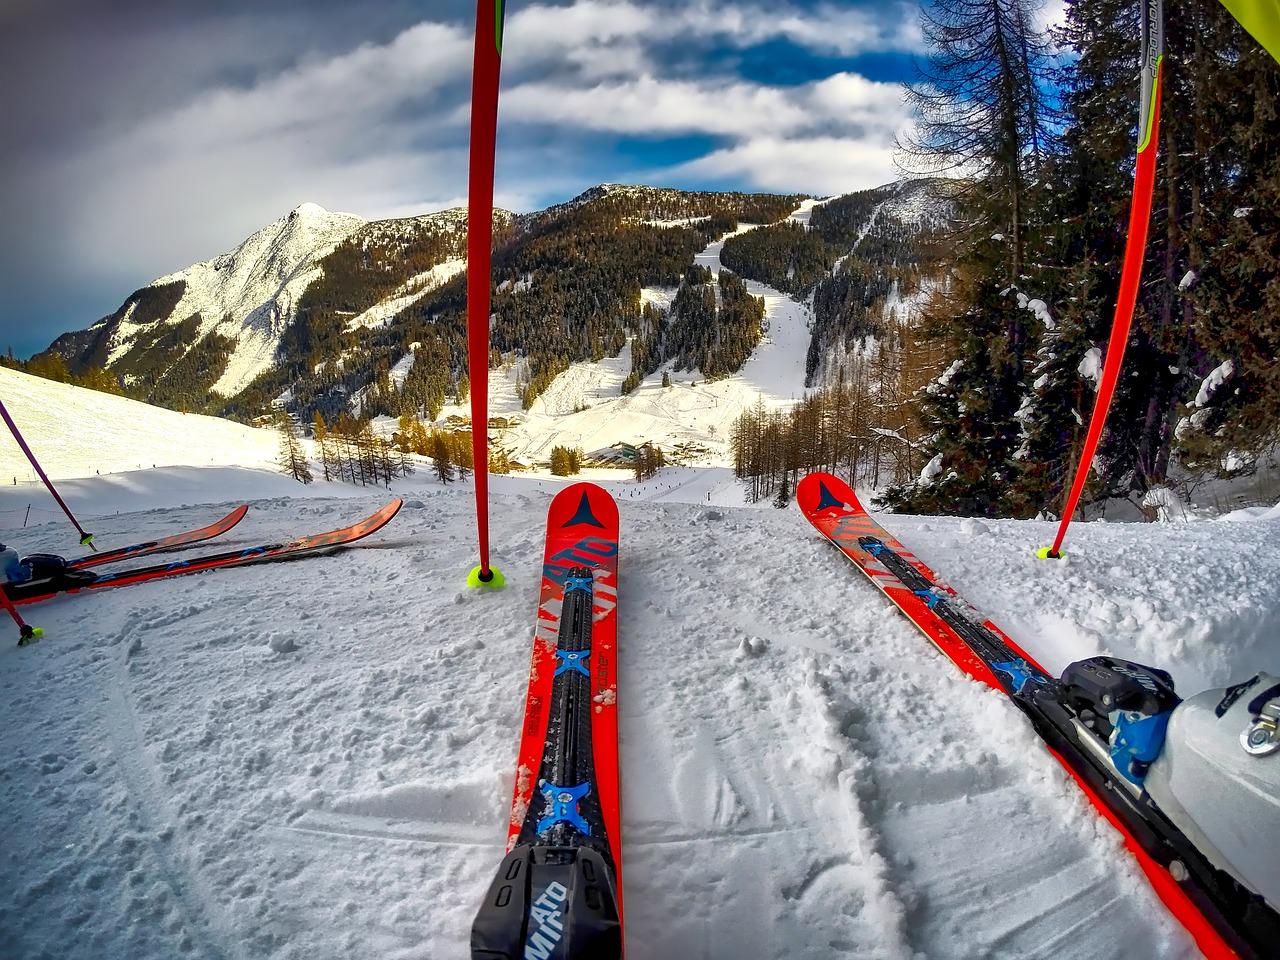 Co trzeba założyć przed wybraniem się na stok narciarski?